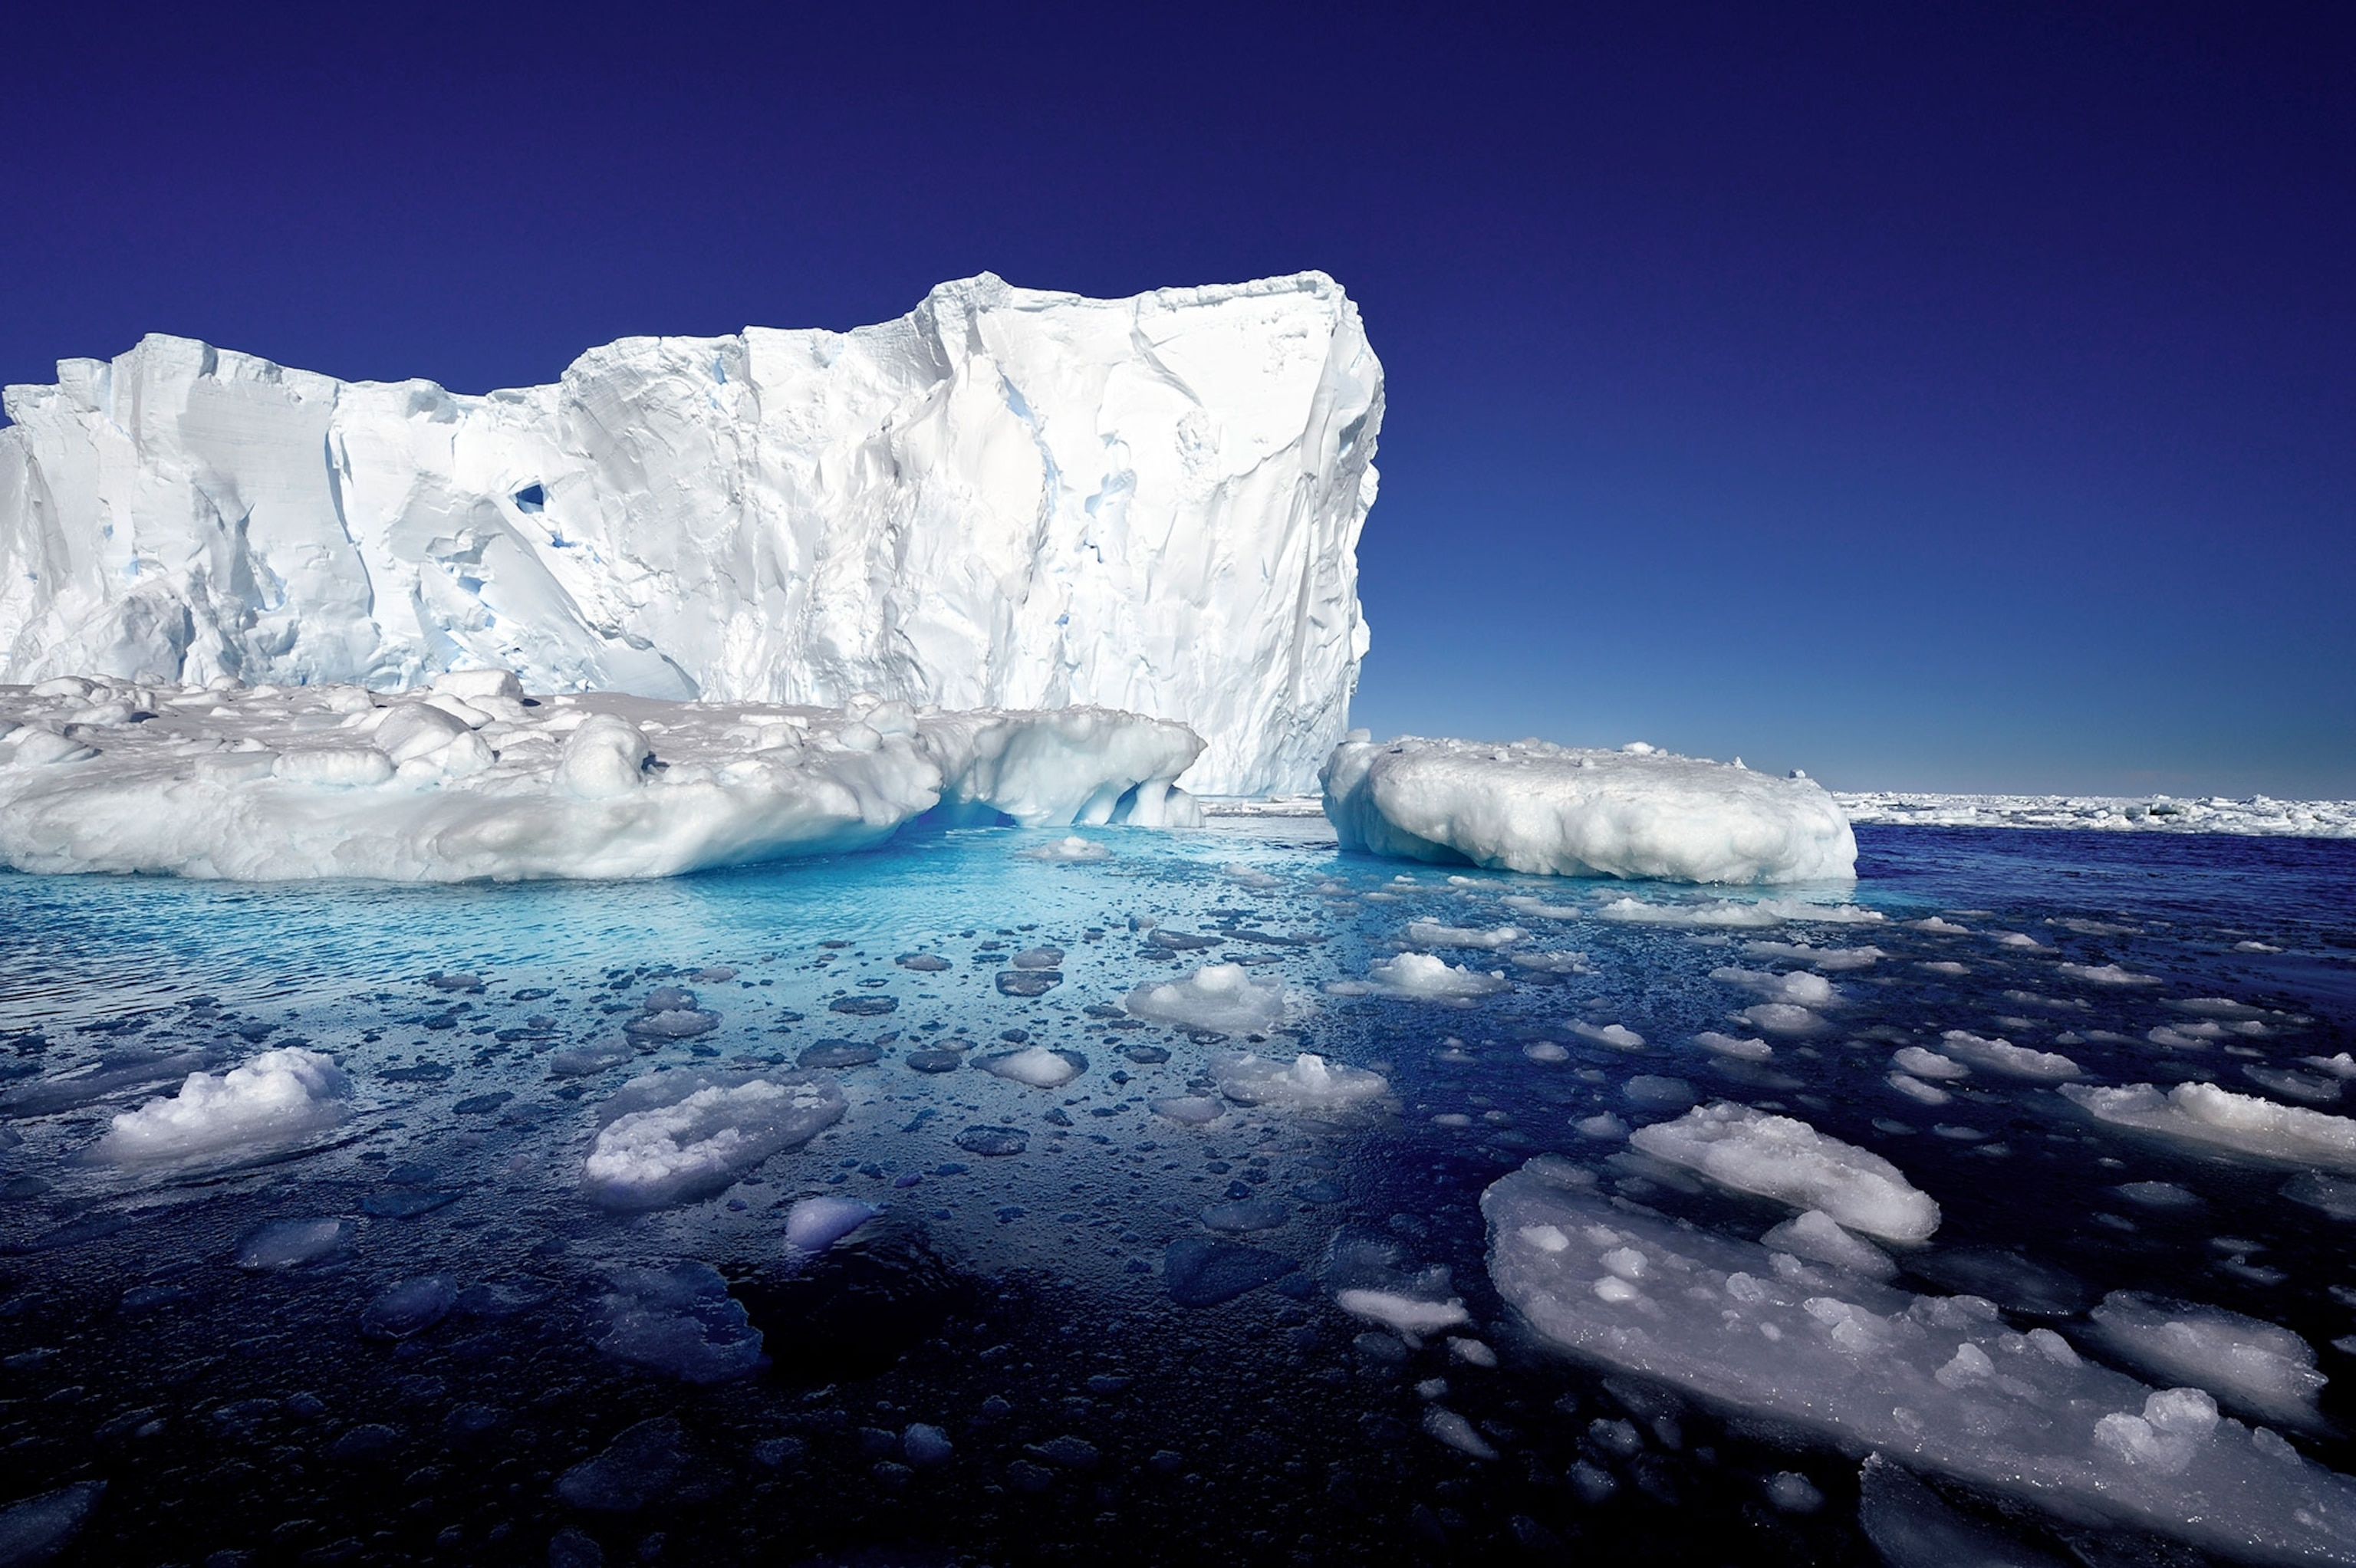 Antarctica's ice